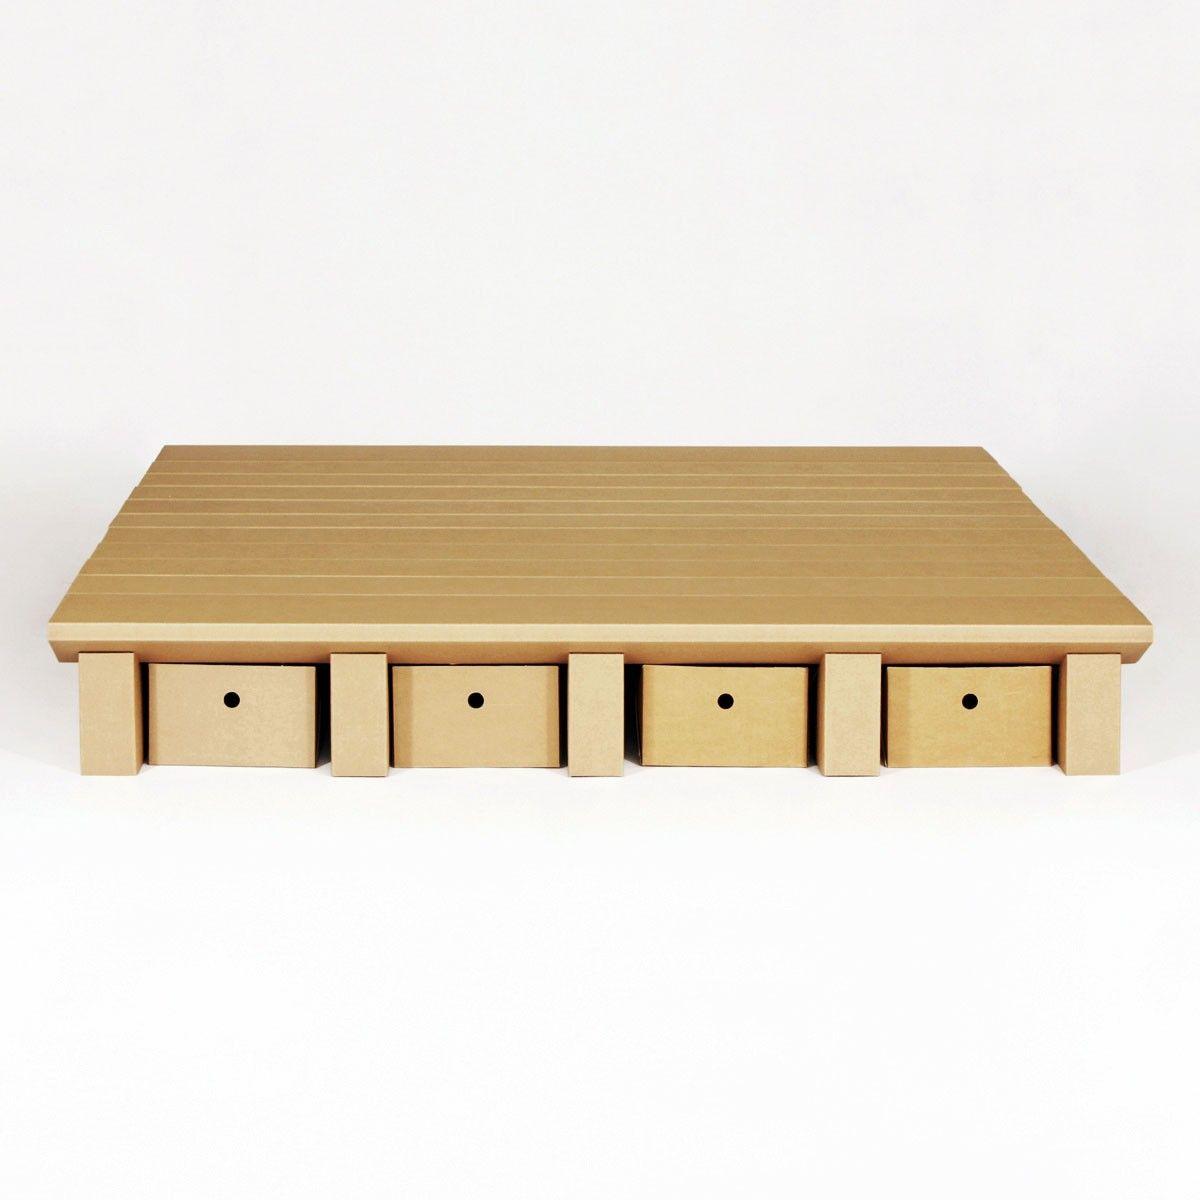 Full Size of Ikea Pappbett Dream Mit Bettksten Drops Miniküche Küche Kosten Betten Bei Sofa Schlaffunktion Modulküche Kaufen 160x200 Wohnzimmer Pappbett Ikea